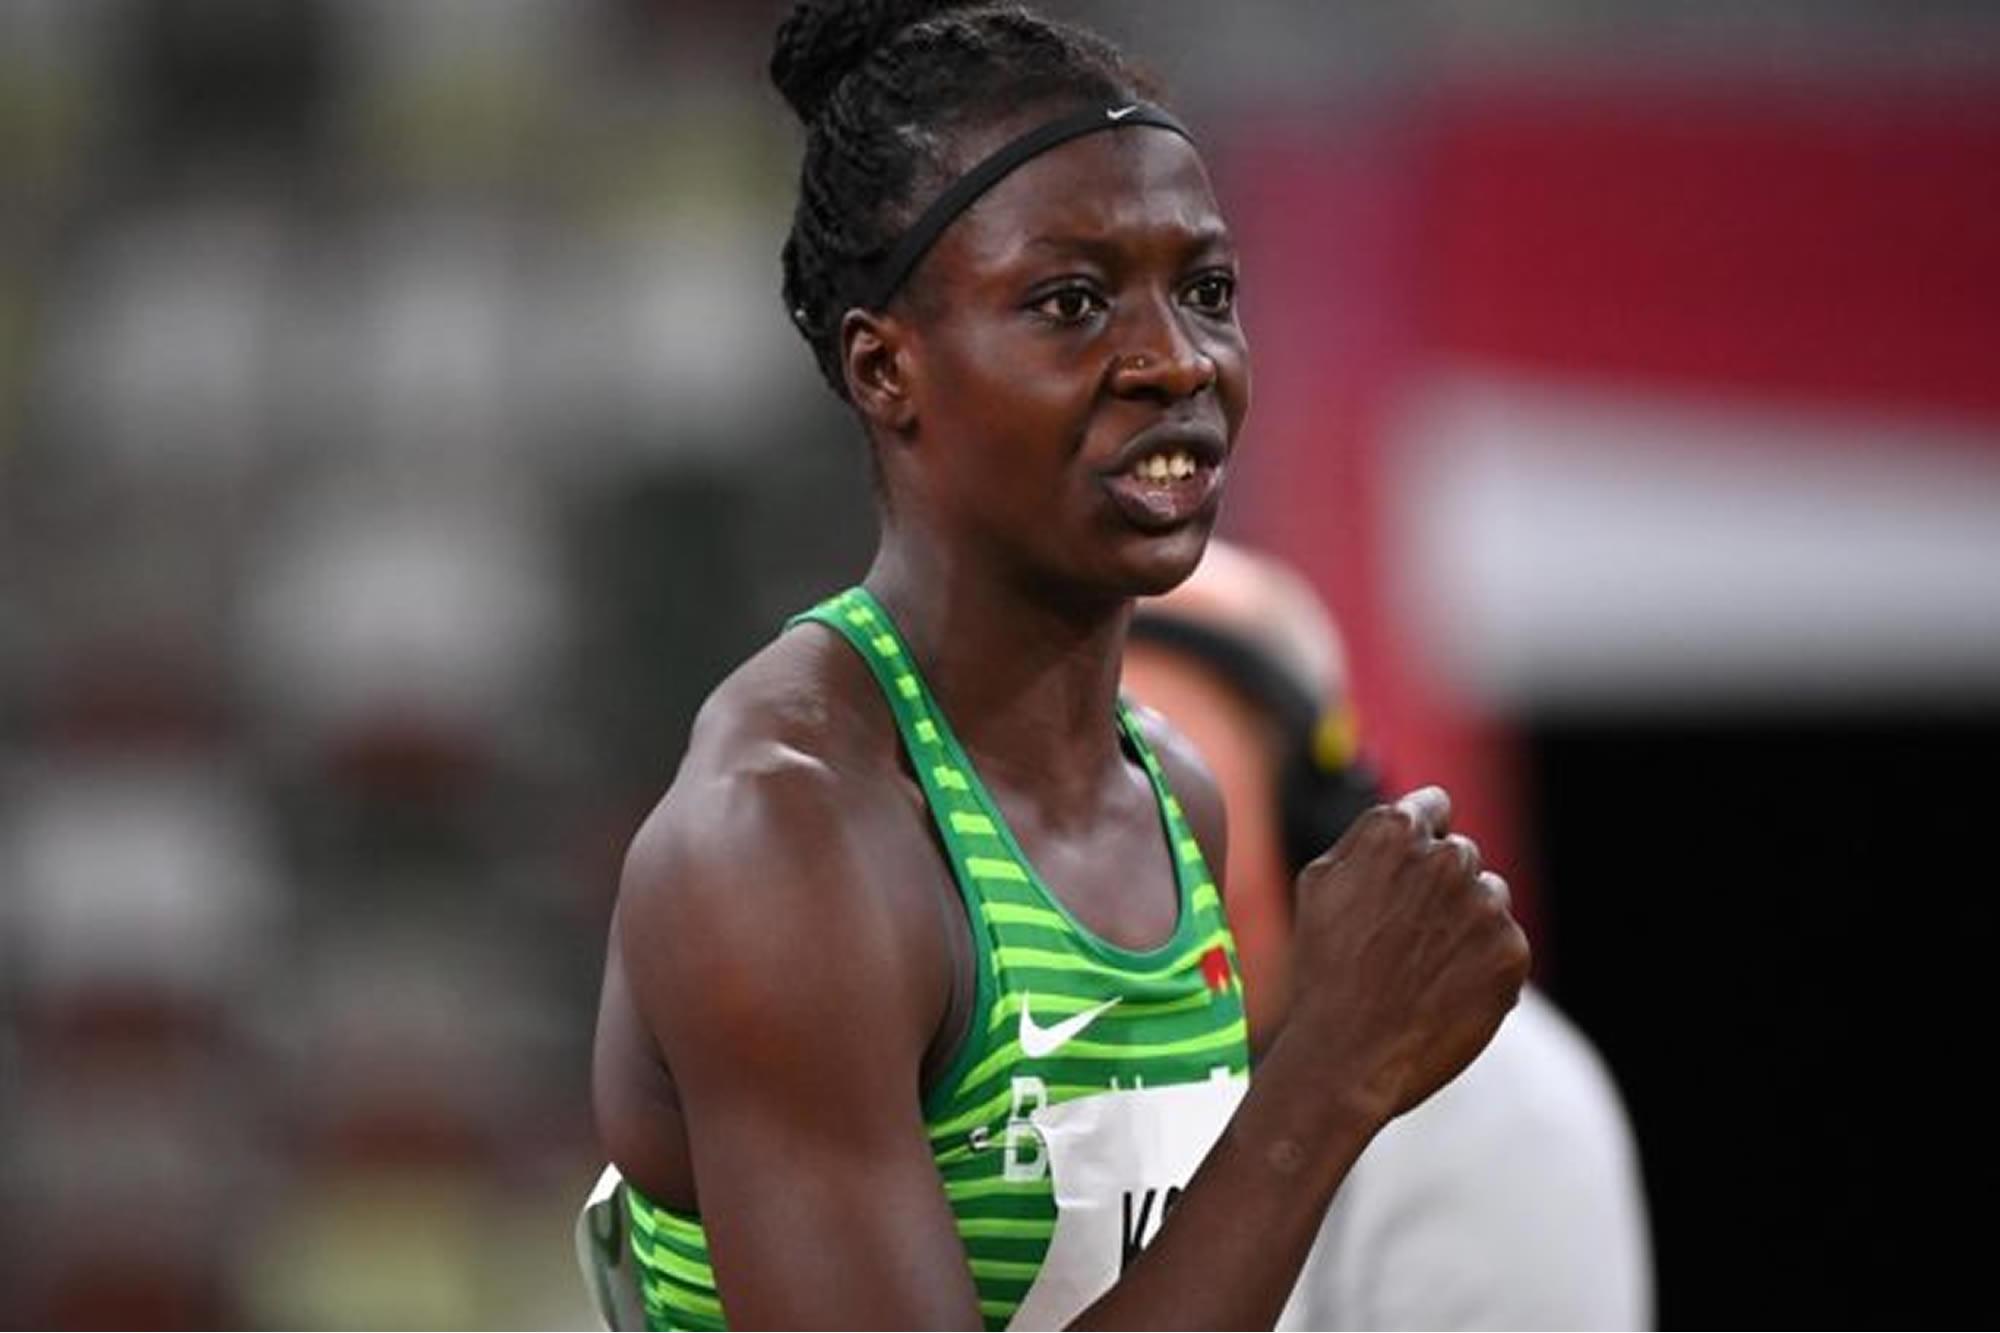 Jeux olympiques : Bon début pour Marthe Koala au 100m haies, la compétition se poursuit